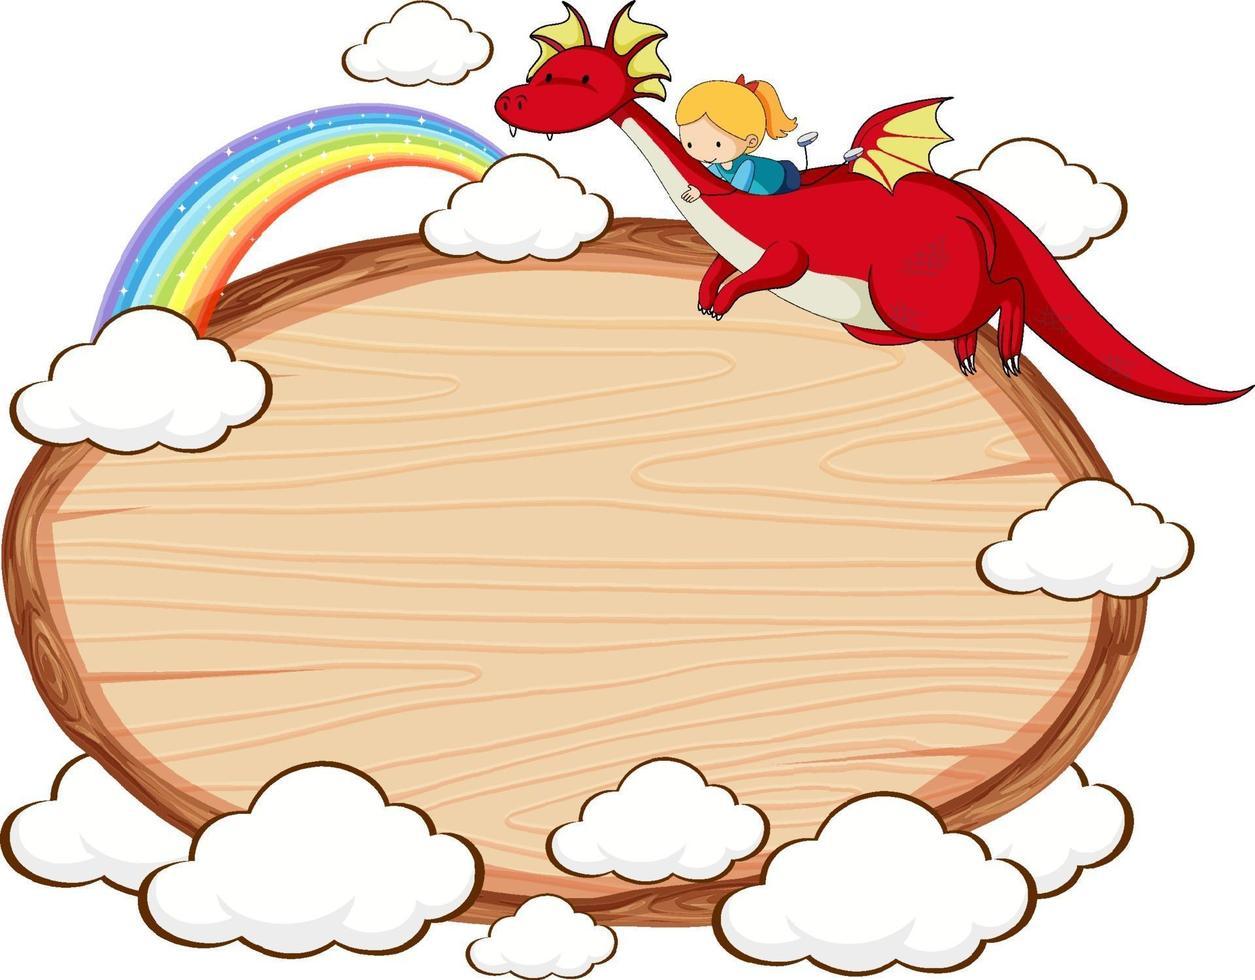 banner de madeira vazio com personagem de desenho animado de conto de fadas e elementos isolados vetor